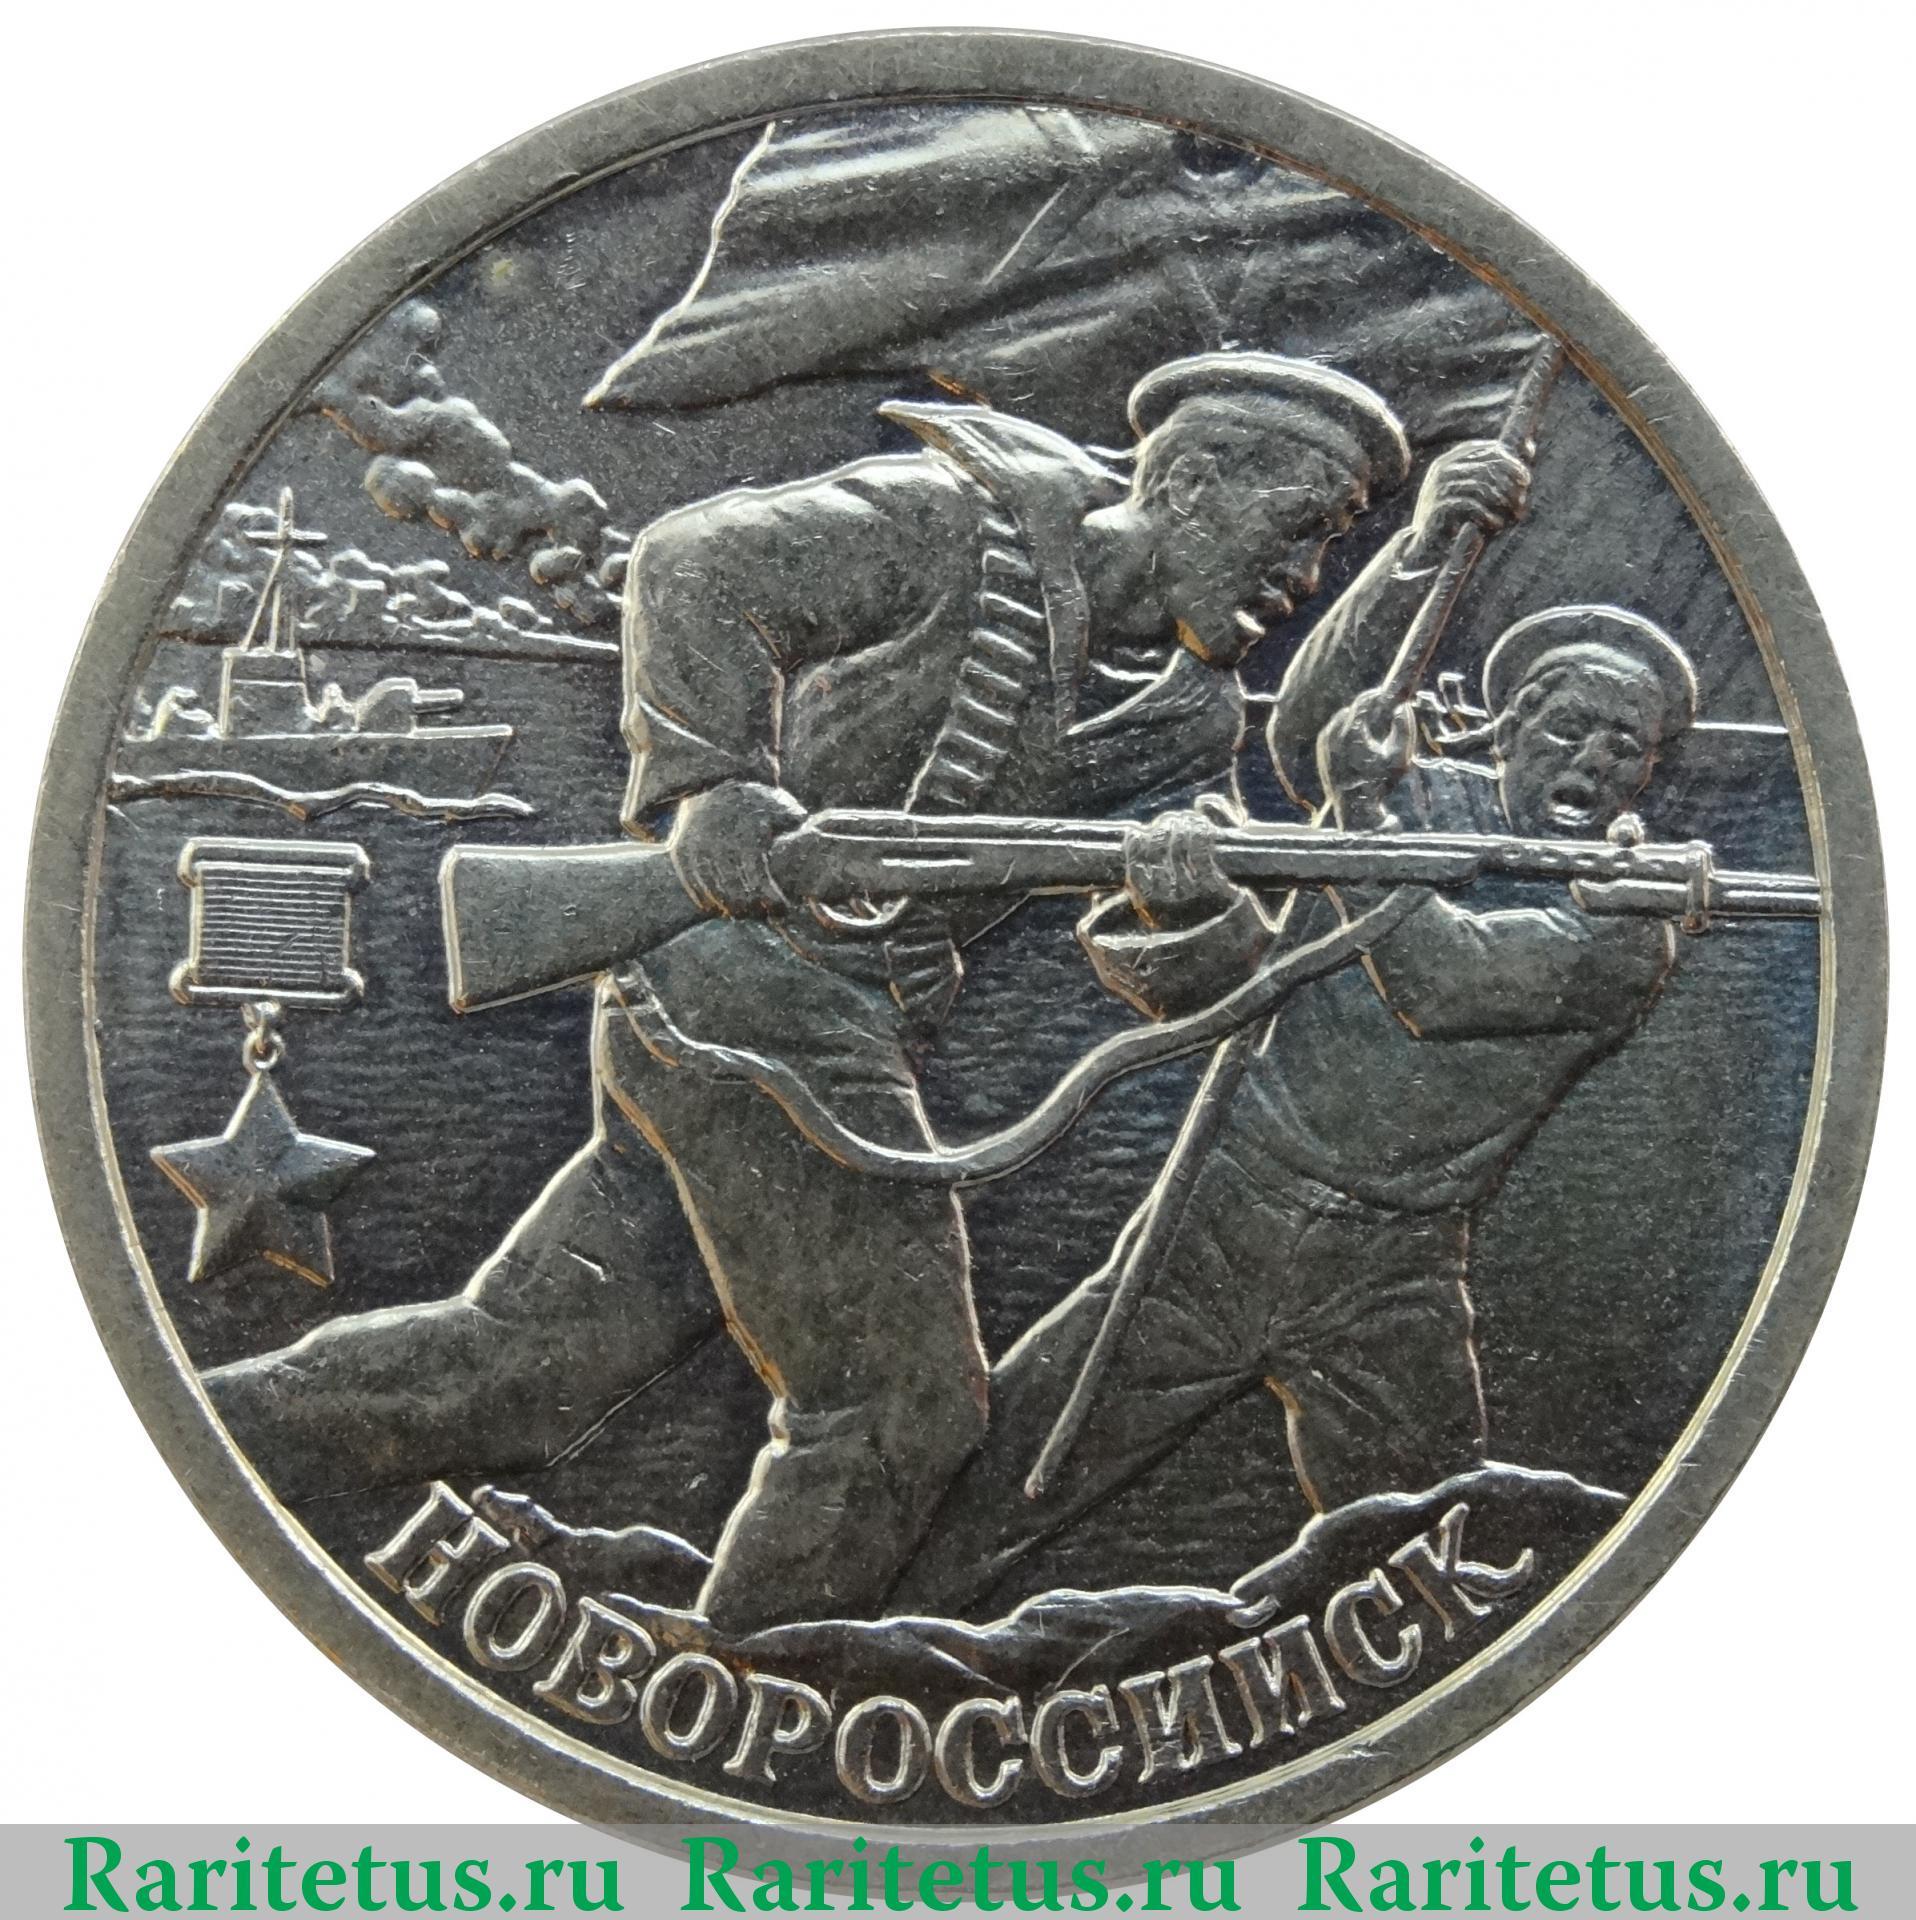 Новороссийск монеты магазины статуэтка конькобежка